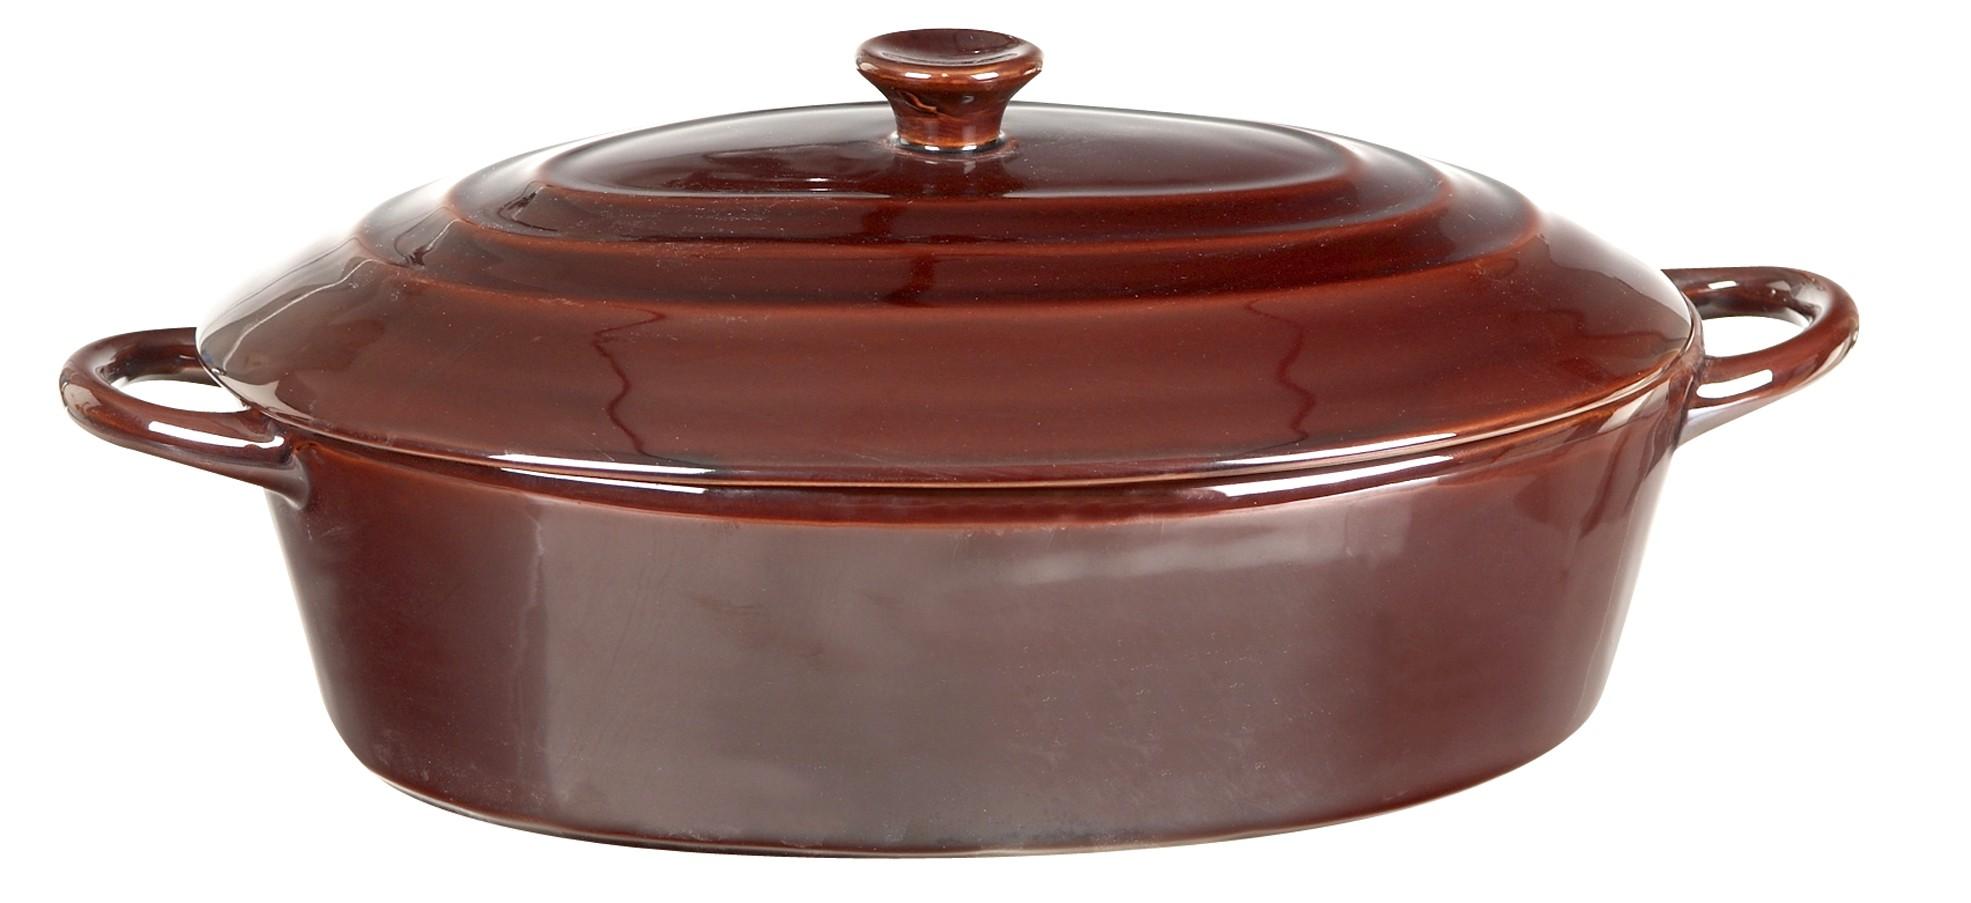 γάστρα πυρίμαχη οβάλ 36cm Venus home   σκευη μαγειρικης   γάστρες